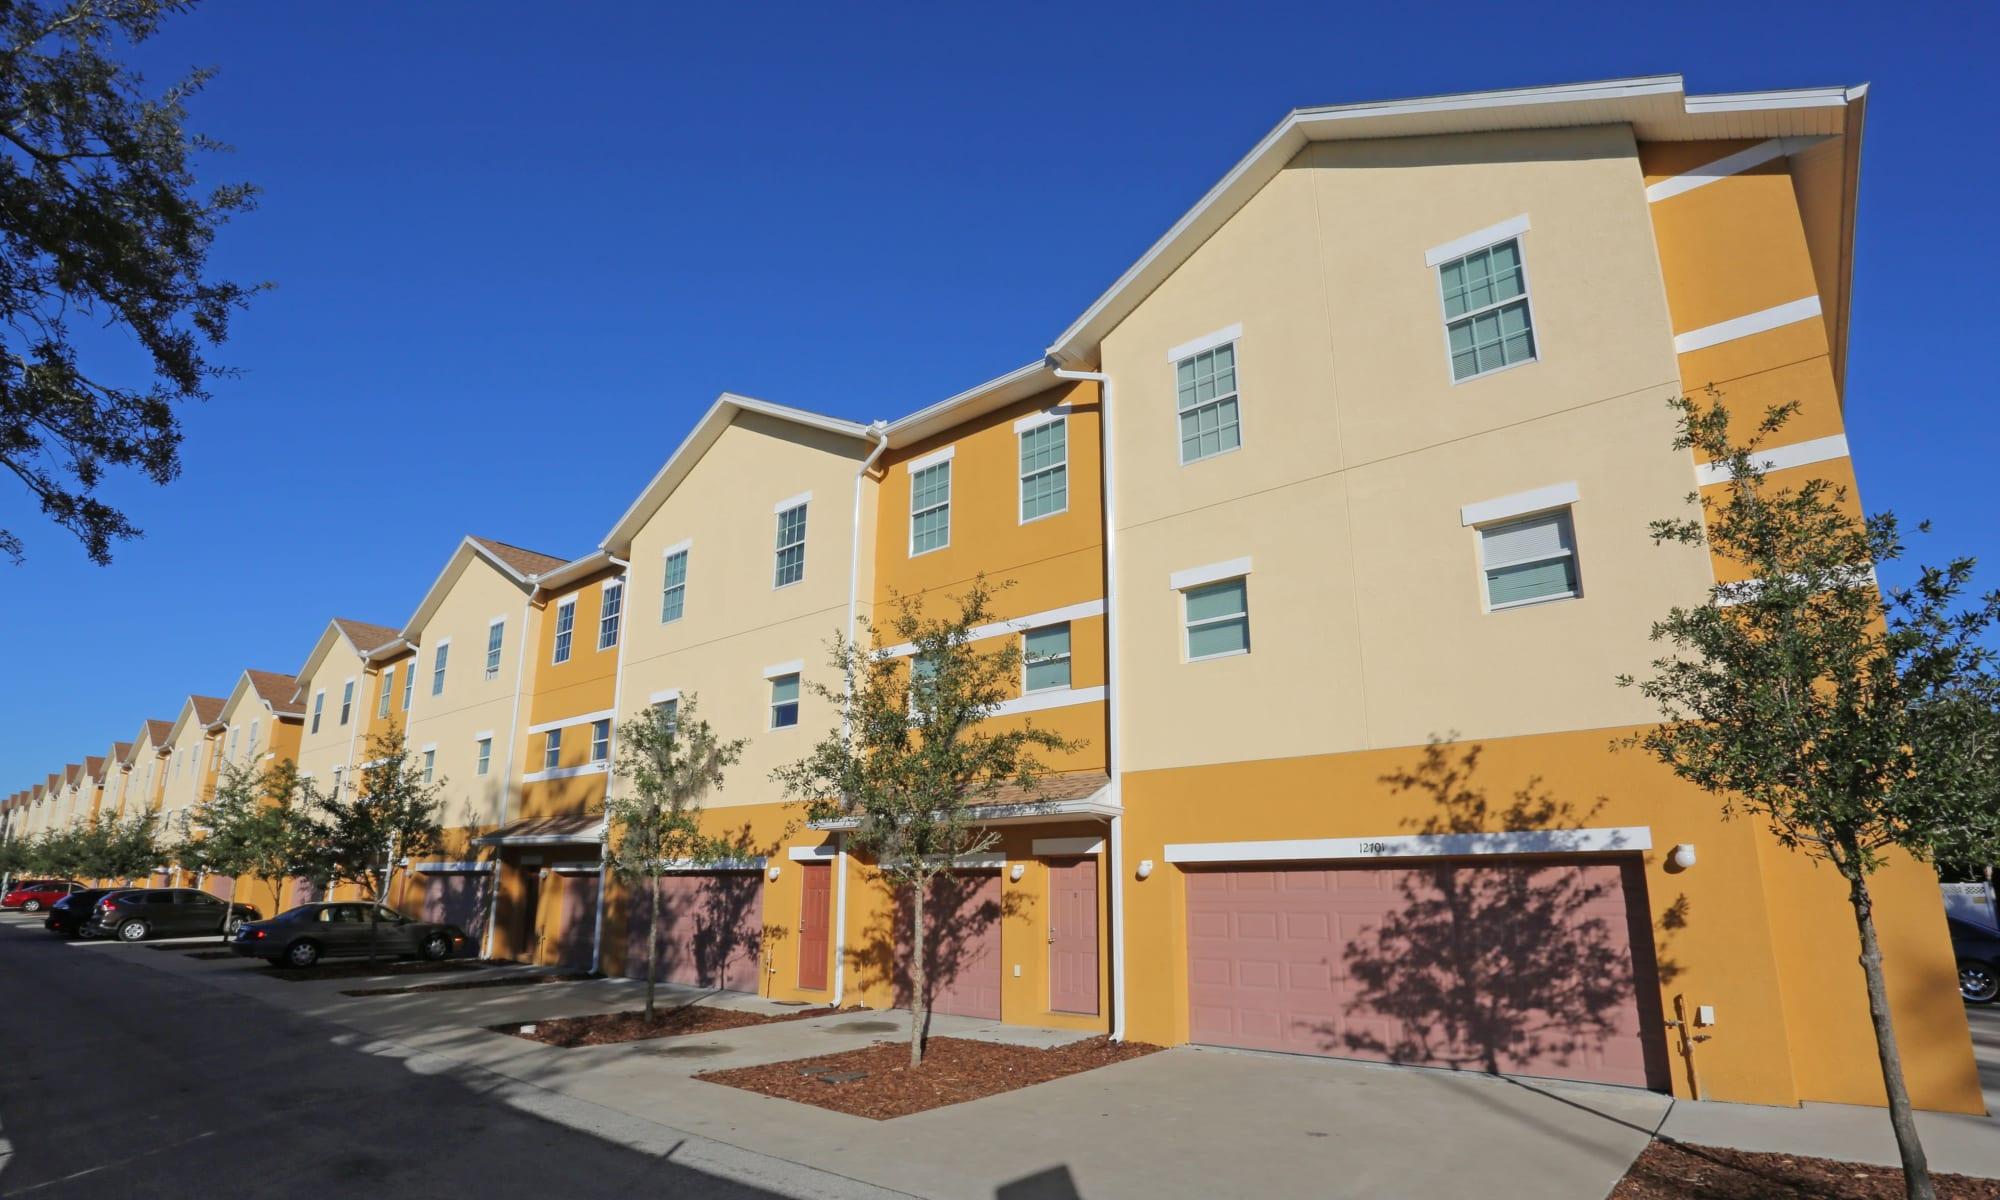 Apartments at Town Park Villas in Tampa, Florida